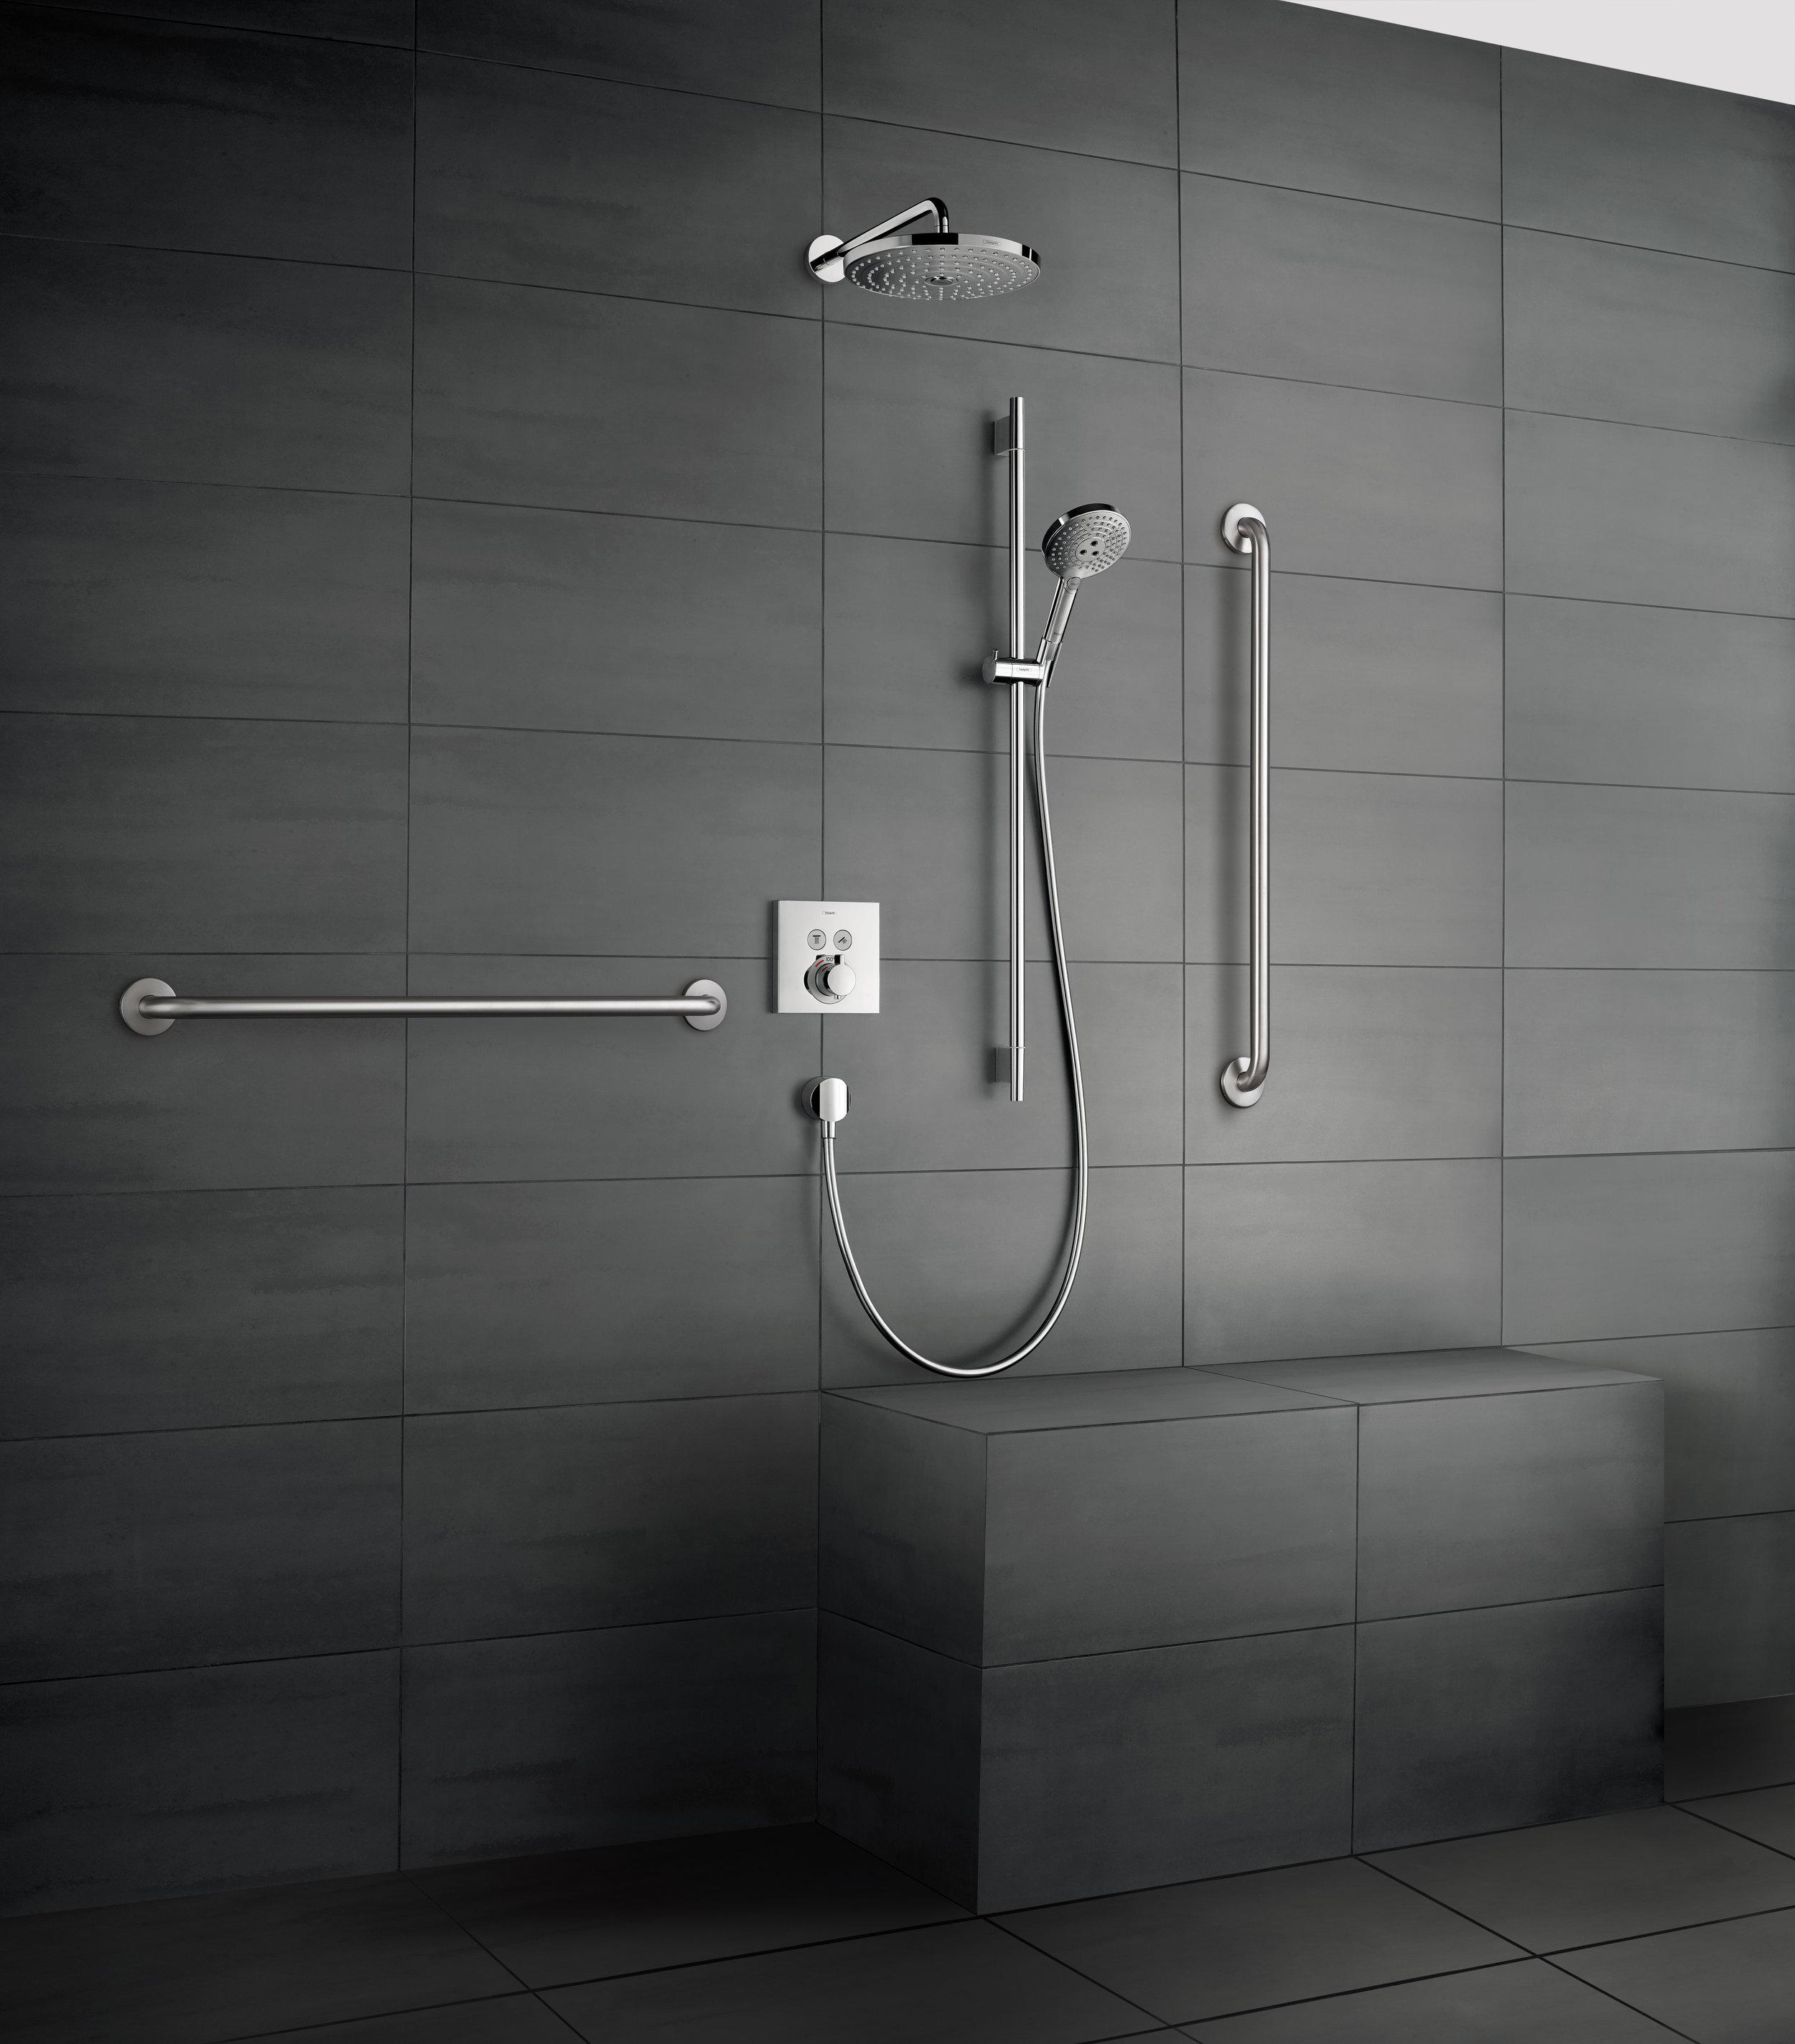 shower full set.jpg